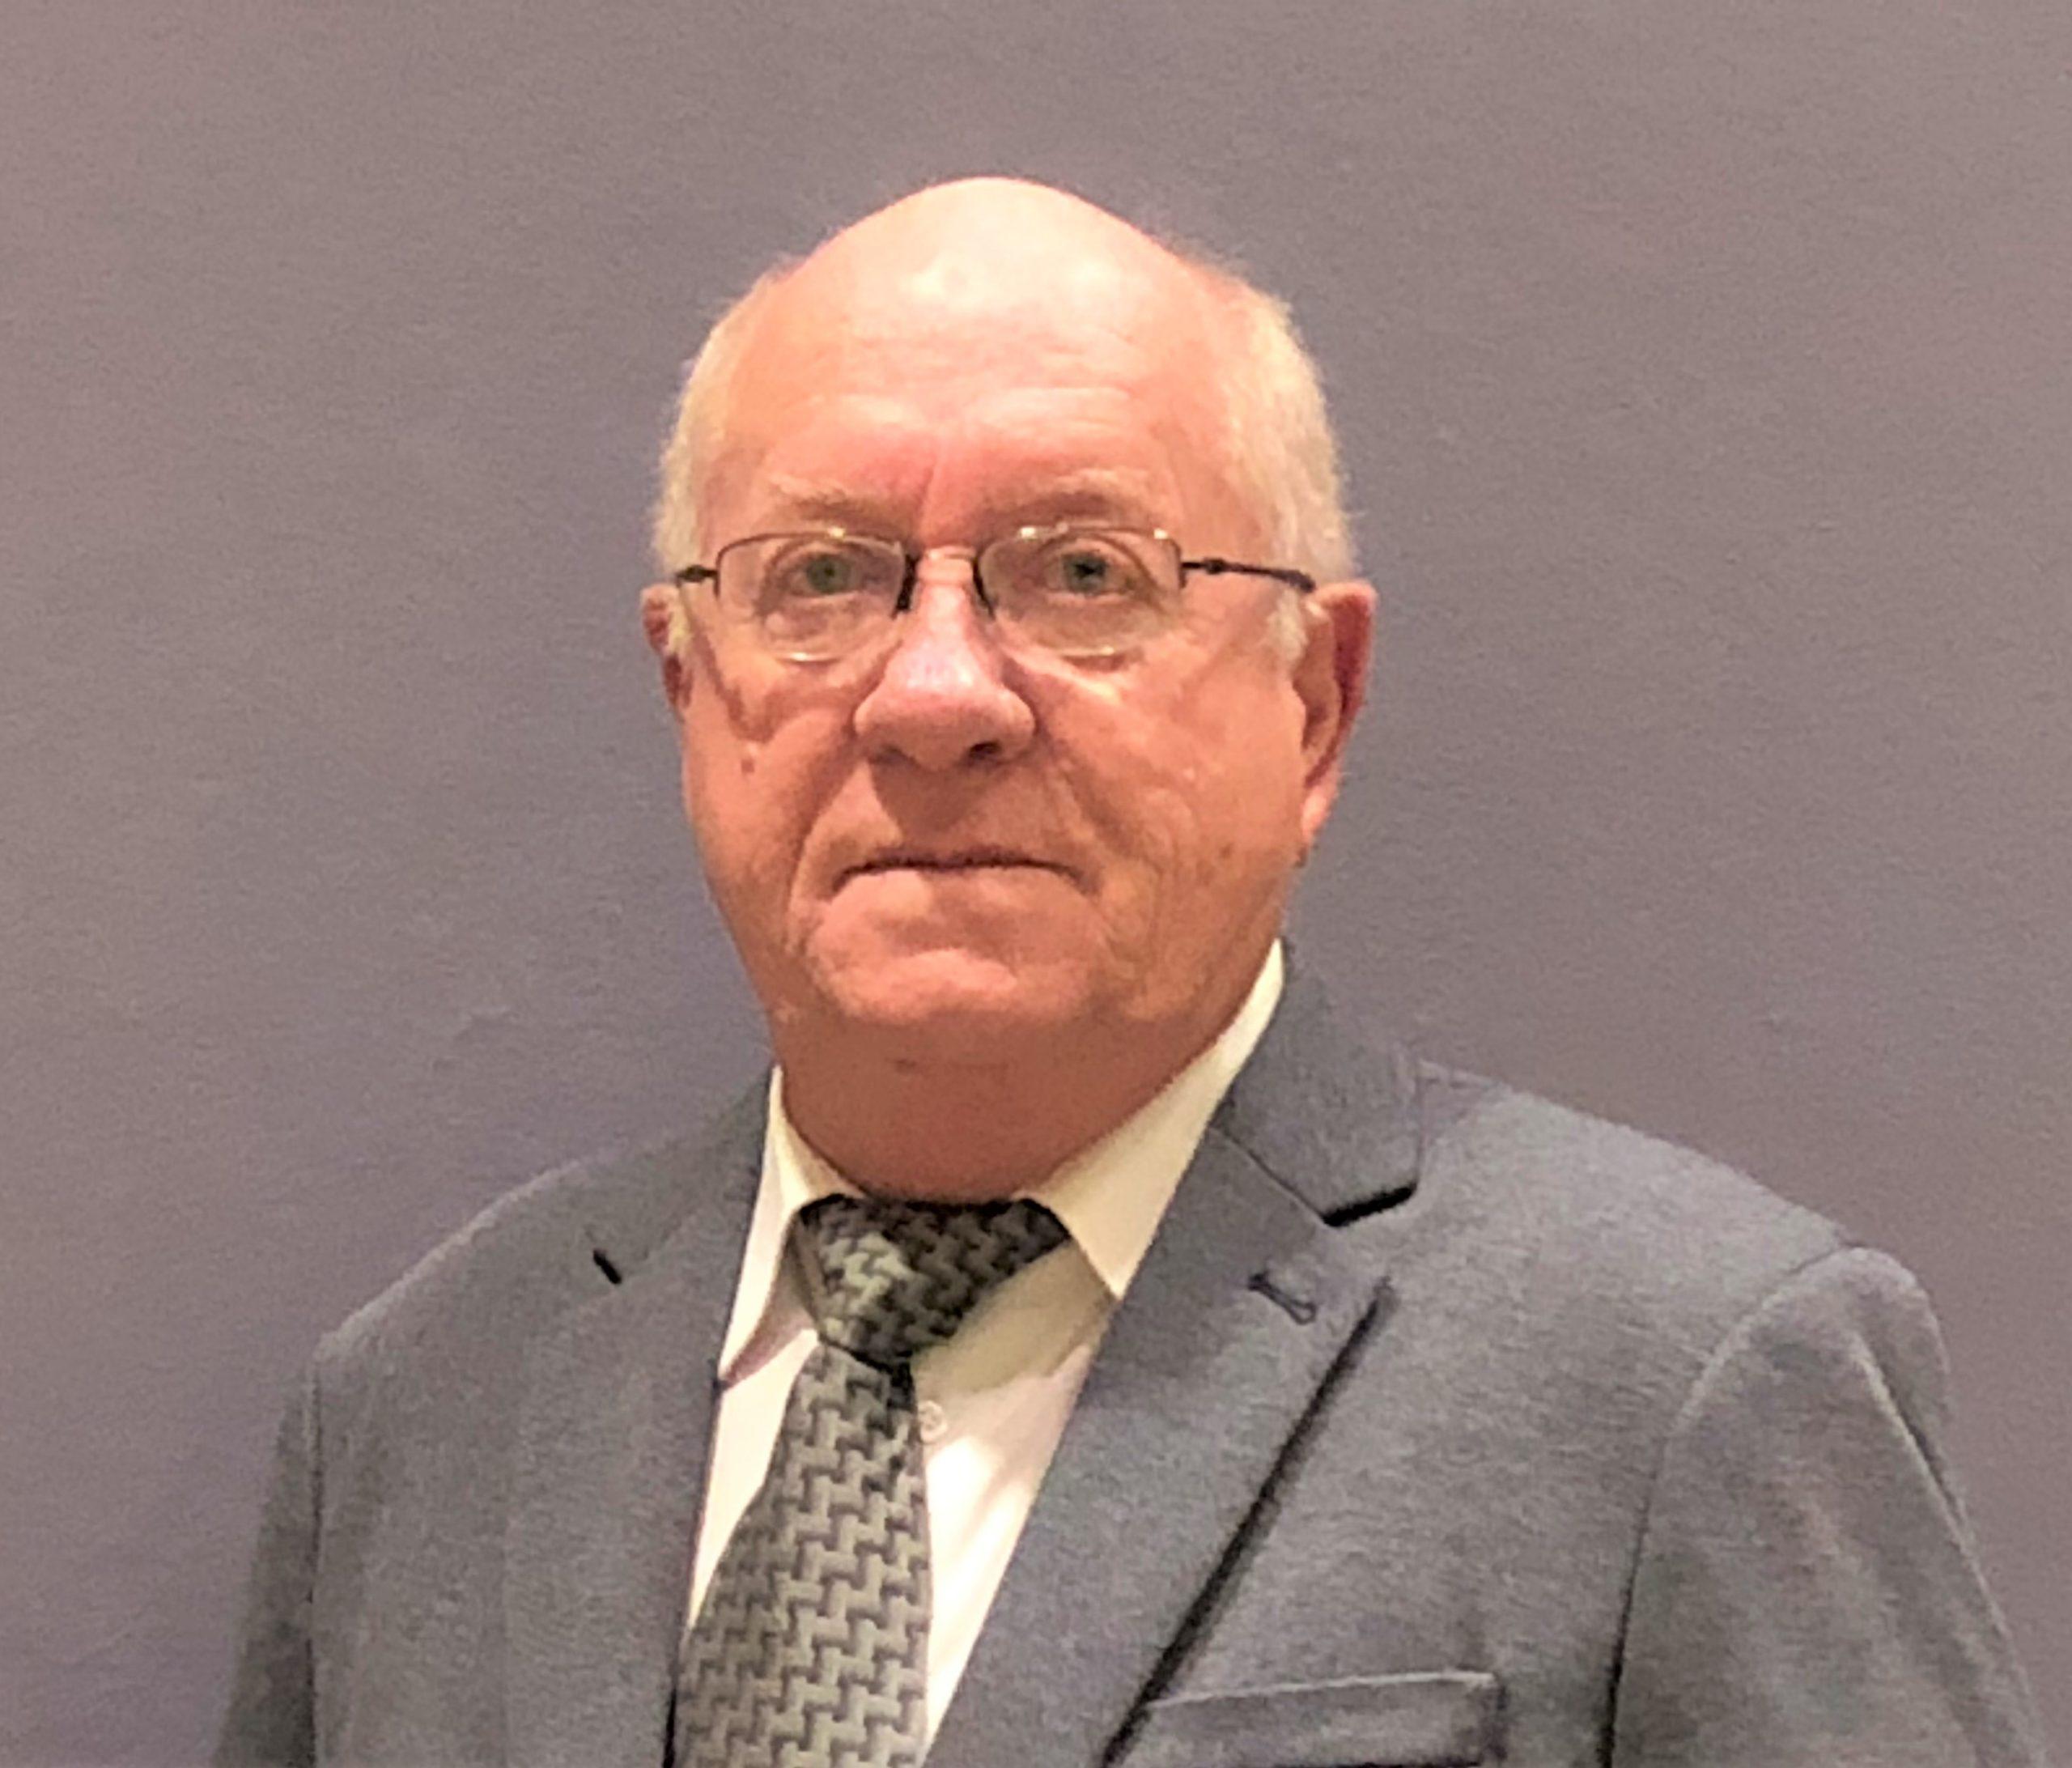 Siegfried Reker